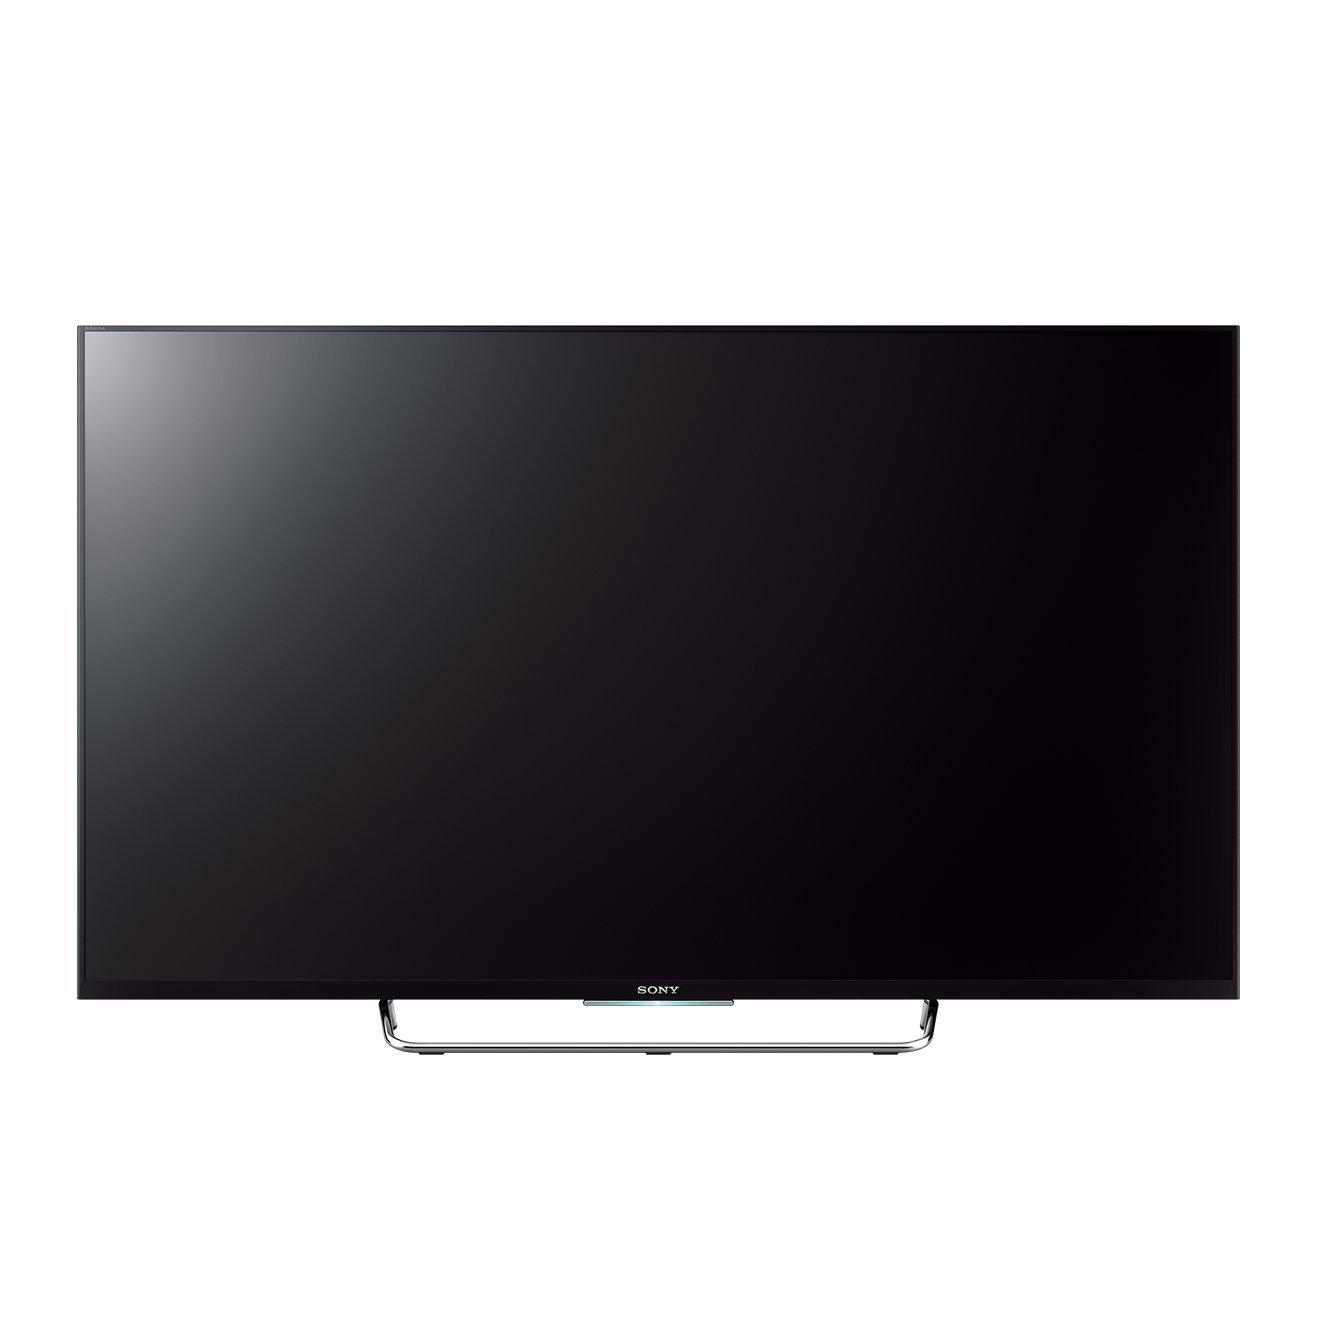 Sony KDL-50W809C - Televisor (Full HD, Android, A+, 16:9, 1080i ...